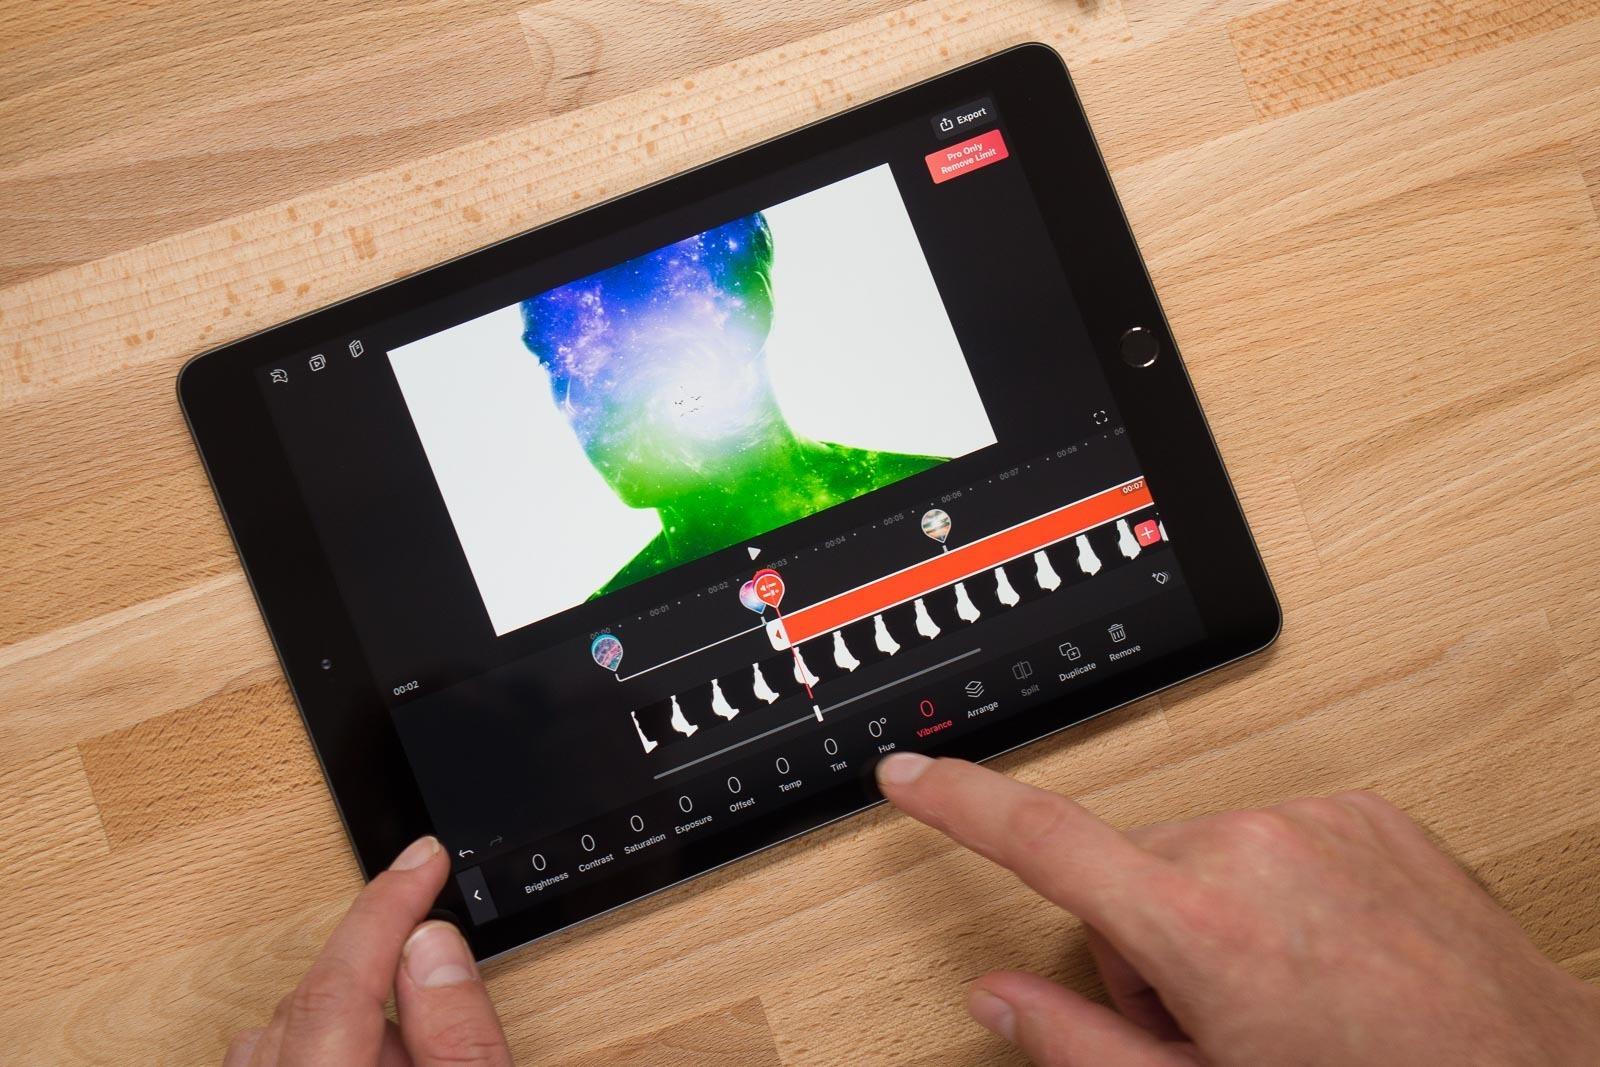 Những lý do để bạn mua một chiếc iPad tầm thấp thay vì một chiếc laptop giá rẻ hay tablet Android